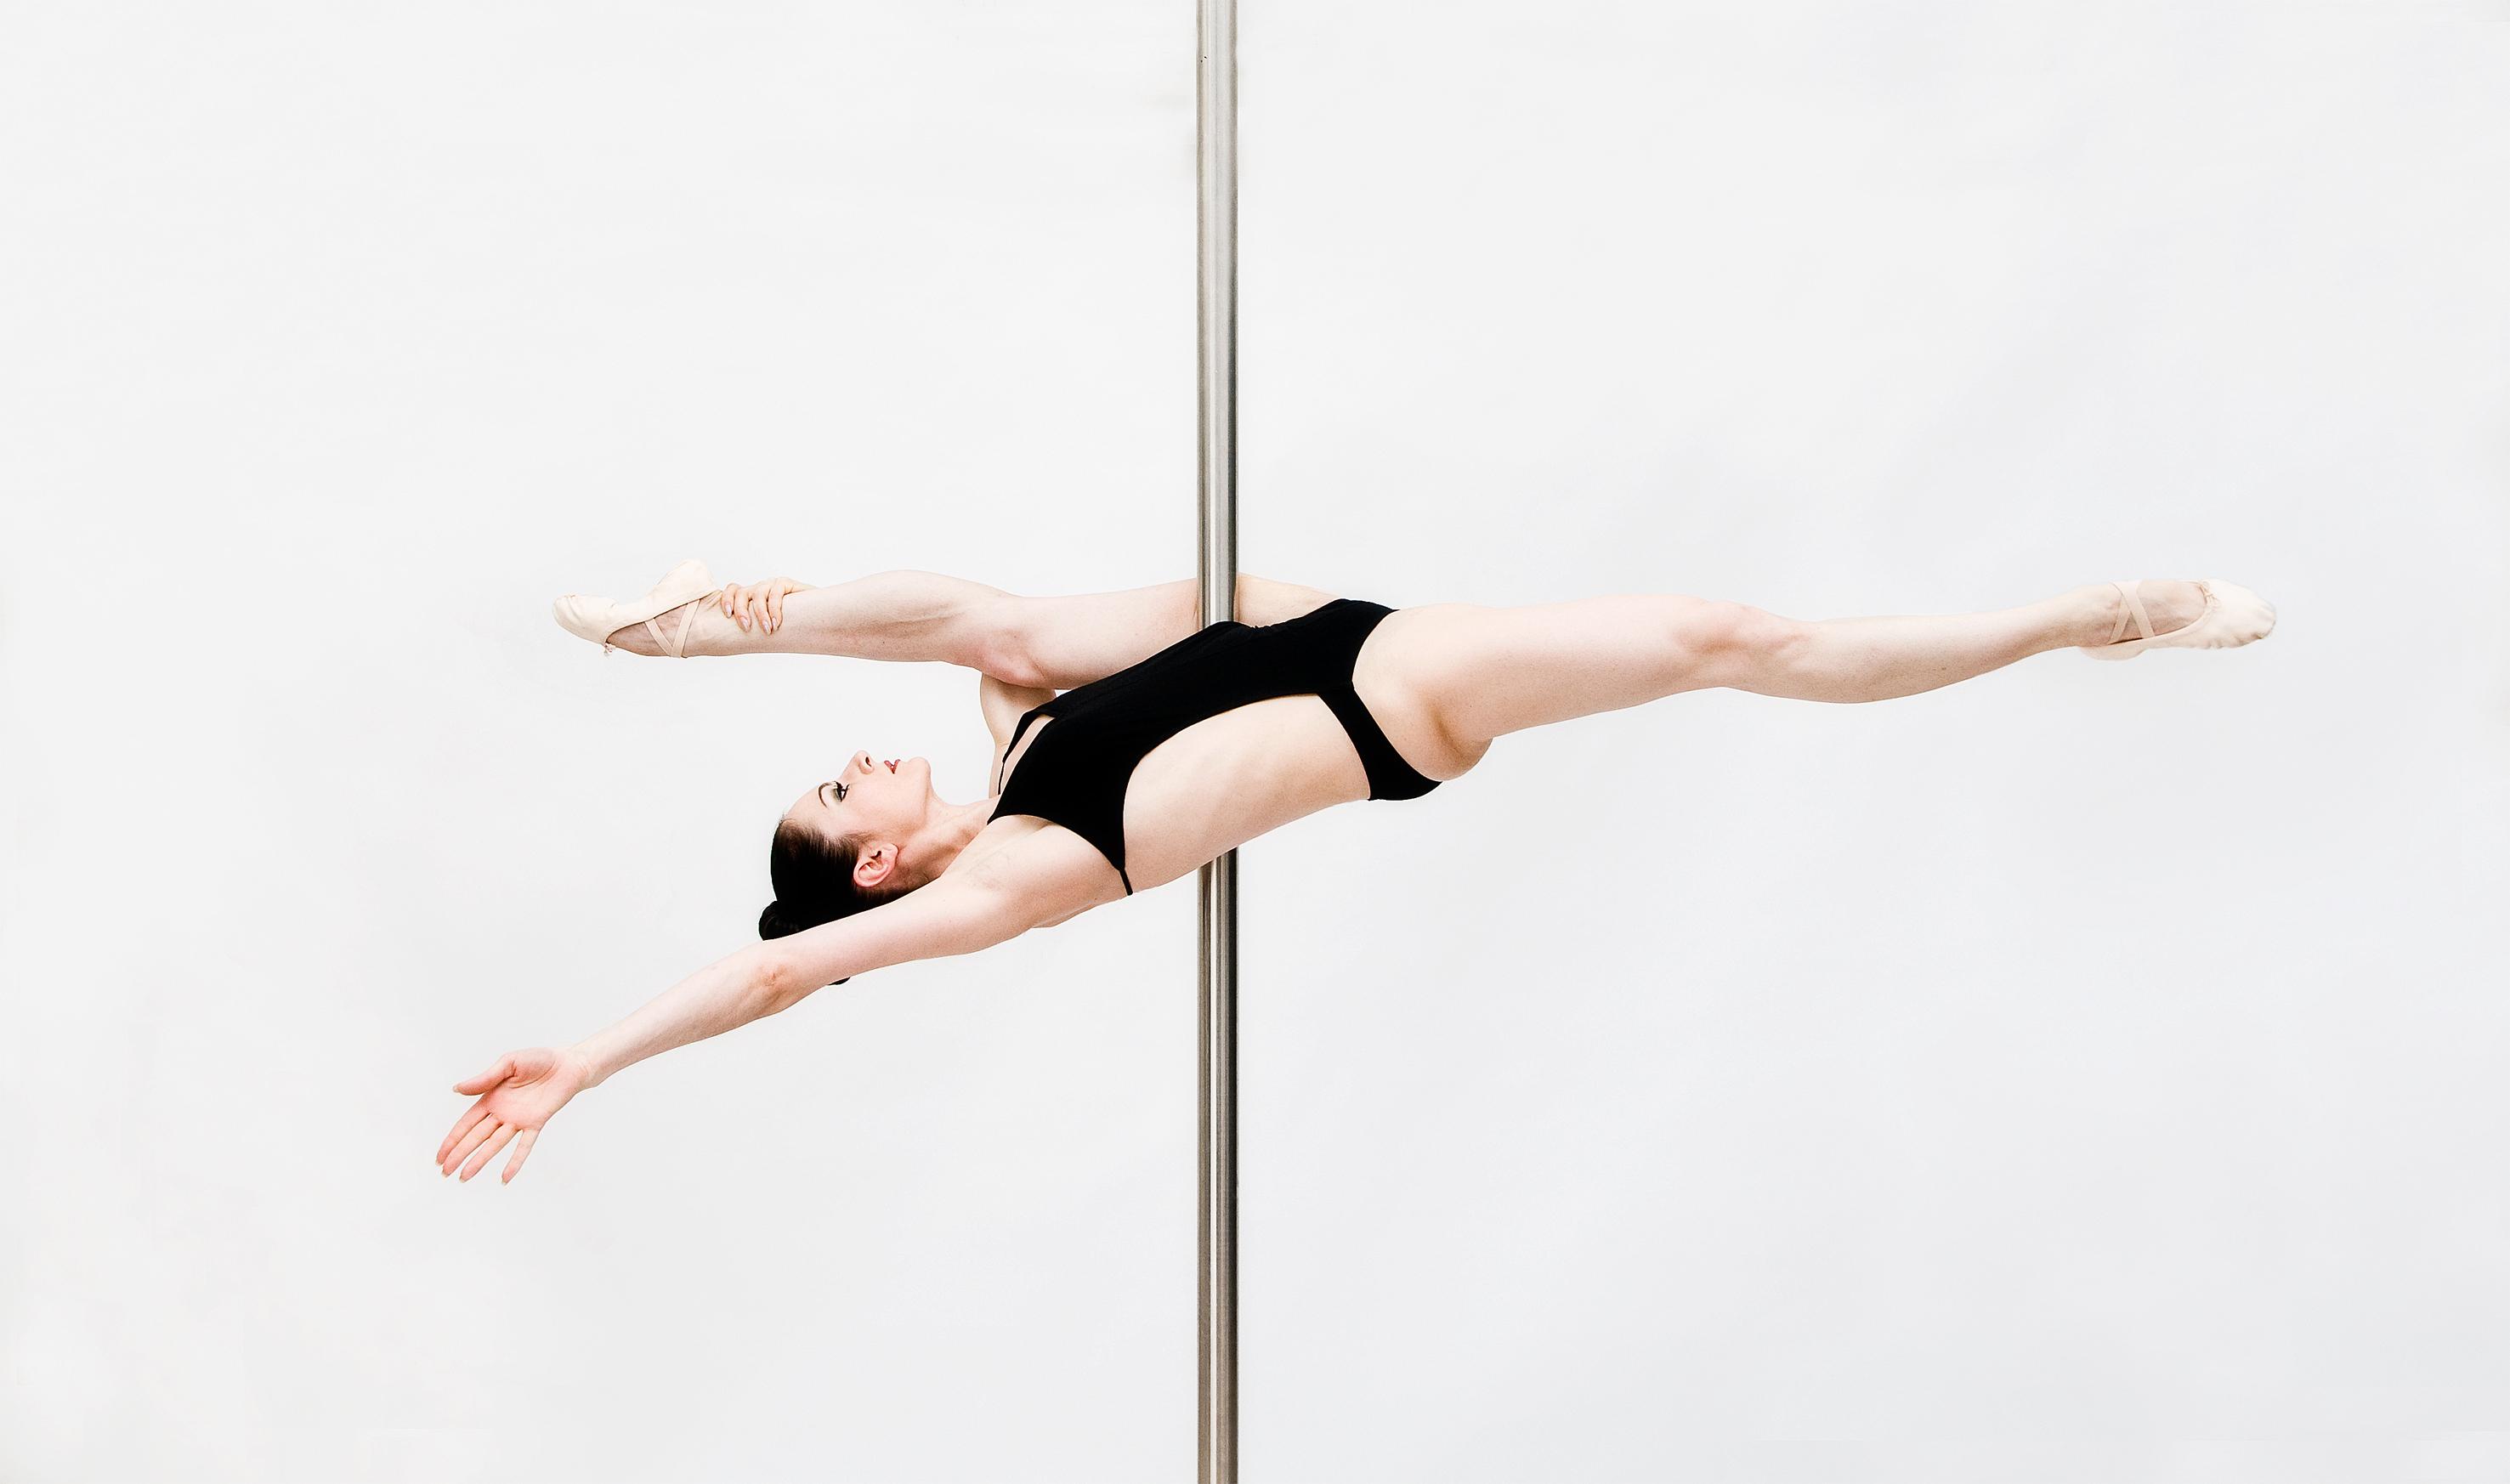 Pole dance e chair dance, per dimagrire e diventare più sensuali [VIDEO]